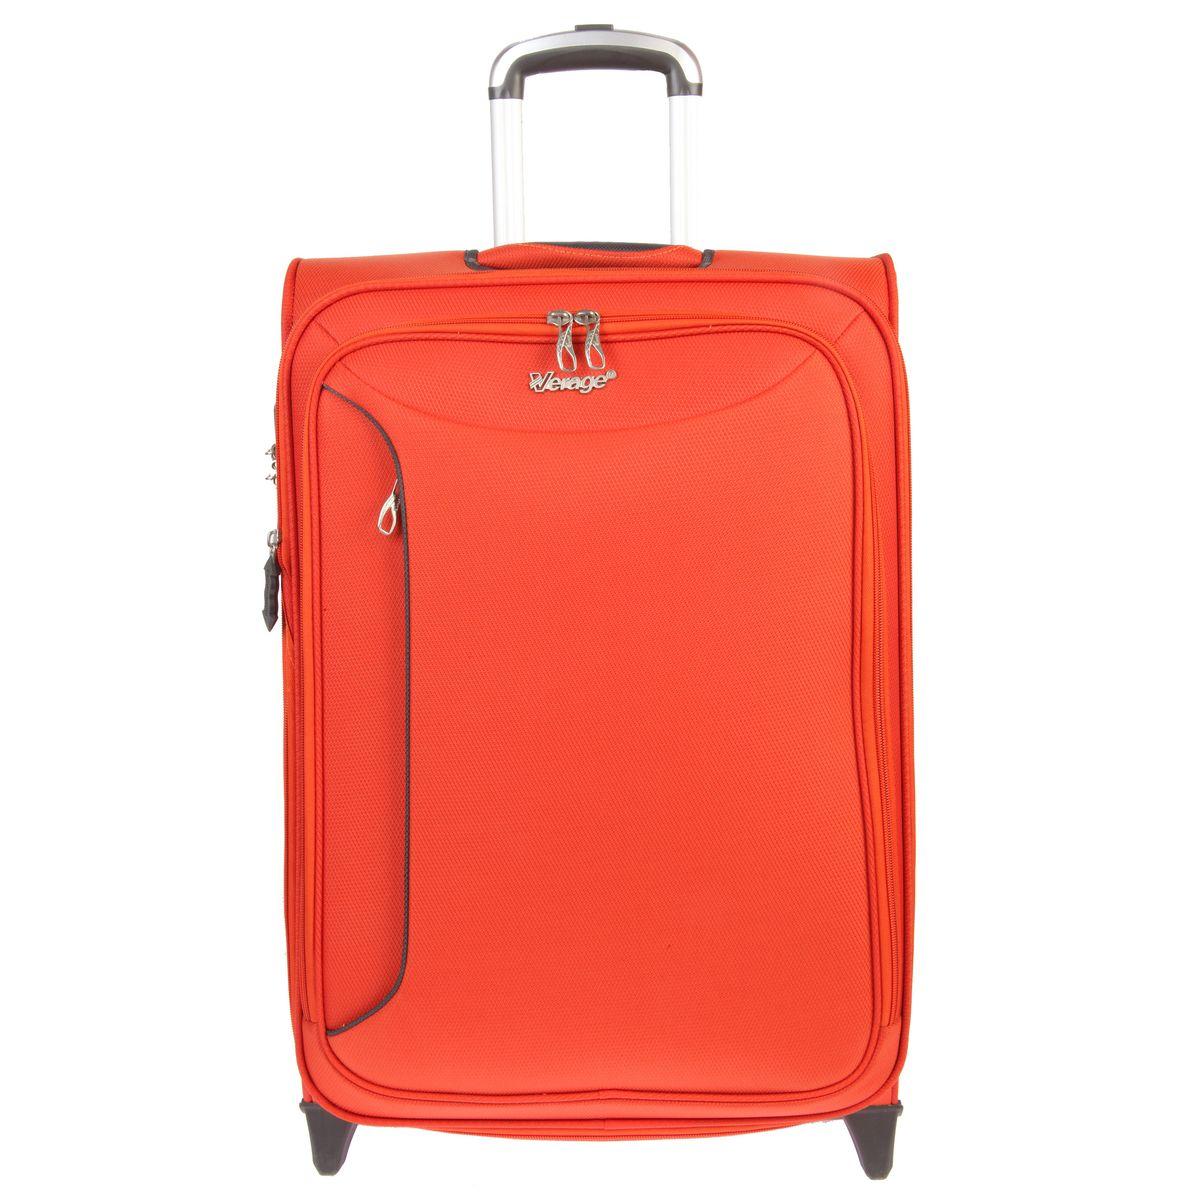 Чемодан-тележка Verage, цвет: оранжевый, 58 л. GM12091T 24PH8368yellowЧемодан-тележка Verage оснащен верхней ручкой и двумя колесиками для удобства транспортировки. Закрывается по периметру на двухстороннюю молнию. Внутри один отдел для одежды и один сетчатый карман на молнии. Снаружи на передней стенке расположены два кармана на молнии. За счет молнии возможно увеличить объем на 20%. Имеется дополнительно встроенный кодовый замок с функцией TSA. Сверху также расположена выдвижная ручка высотой 46 см.